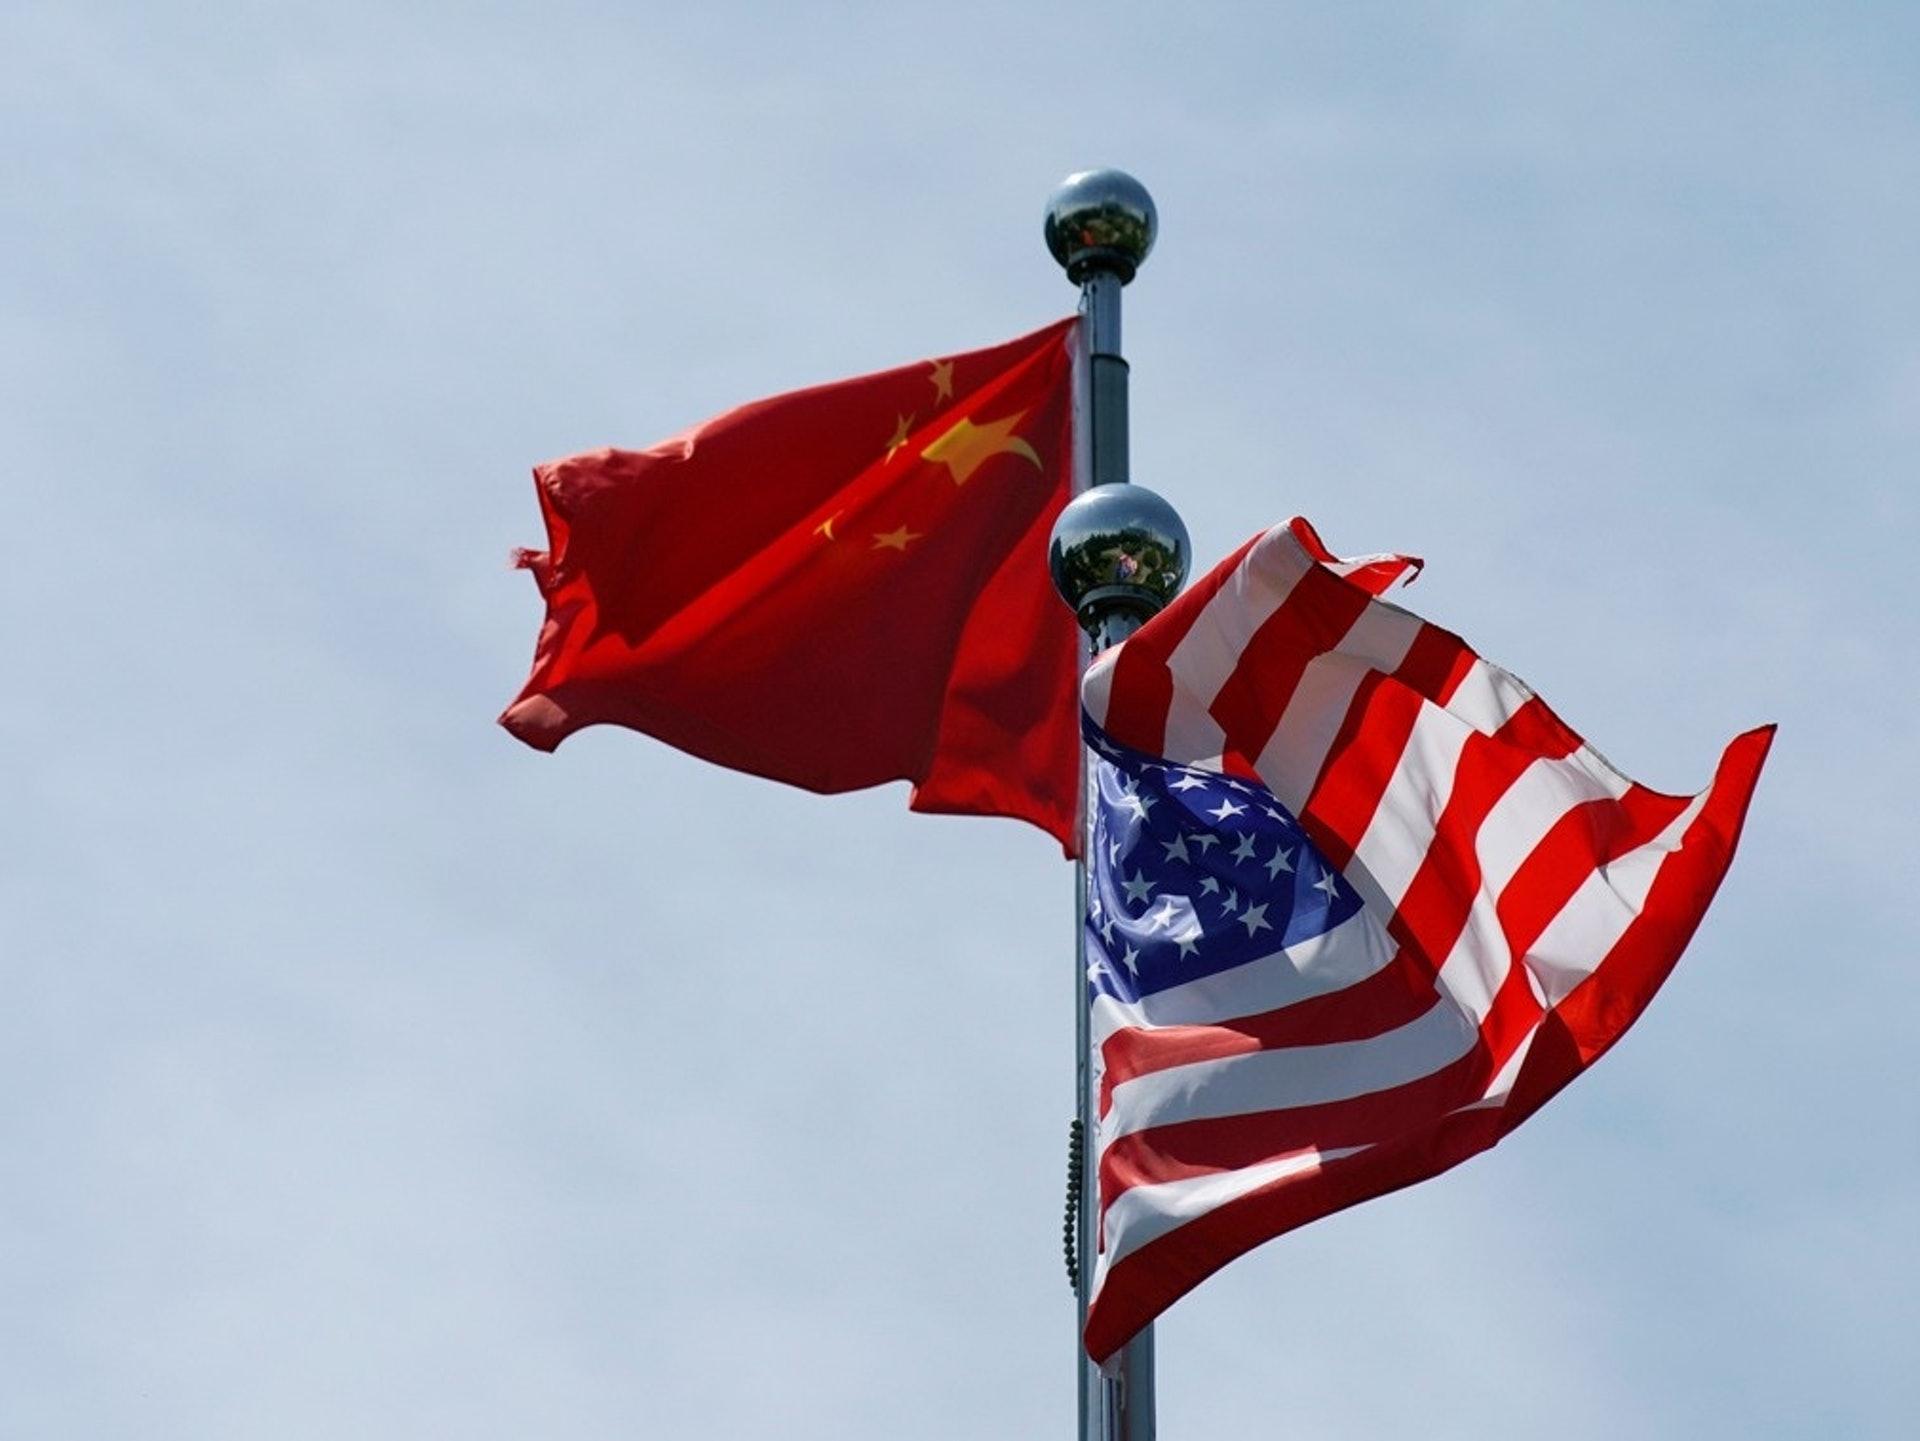 中美能否藉助最新一轮贸易谈判达成临时性协议,受到外界关注。(Reuters)